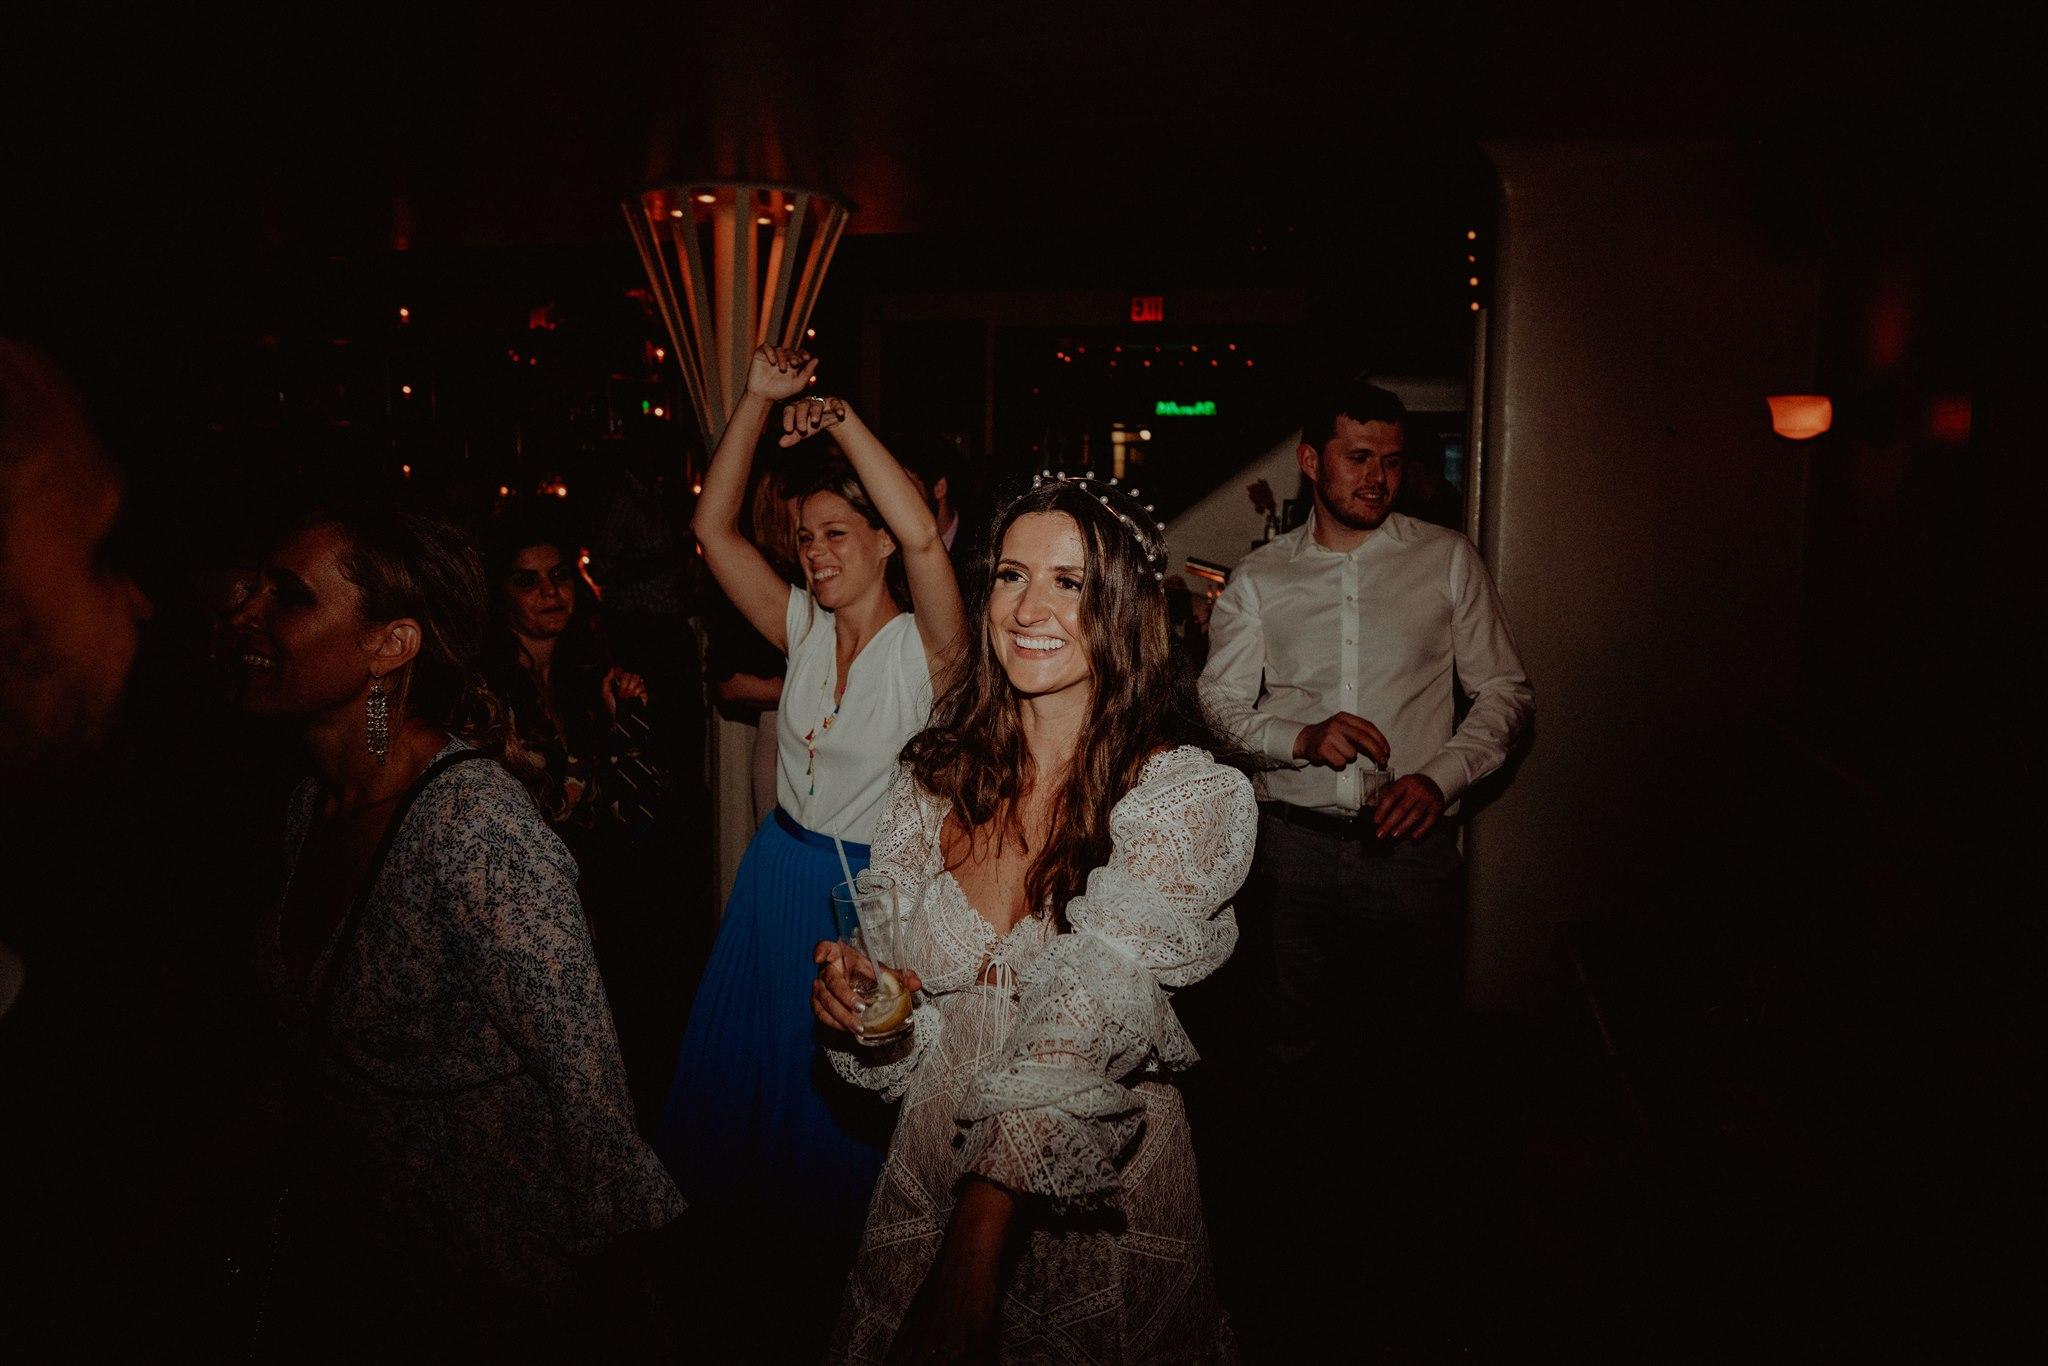 Chellise_Michael_Photography_Ramona_Brooklyn_Wedding_Photographer-897.jpg